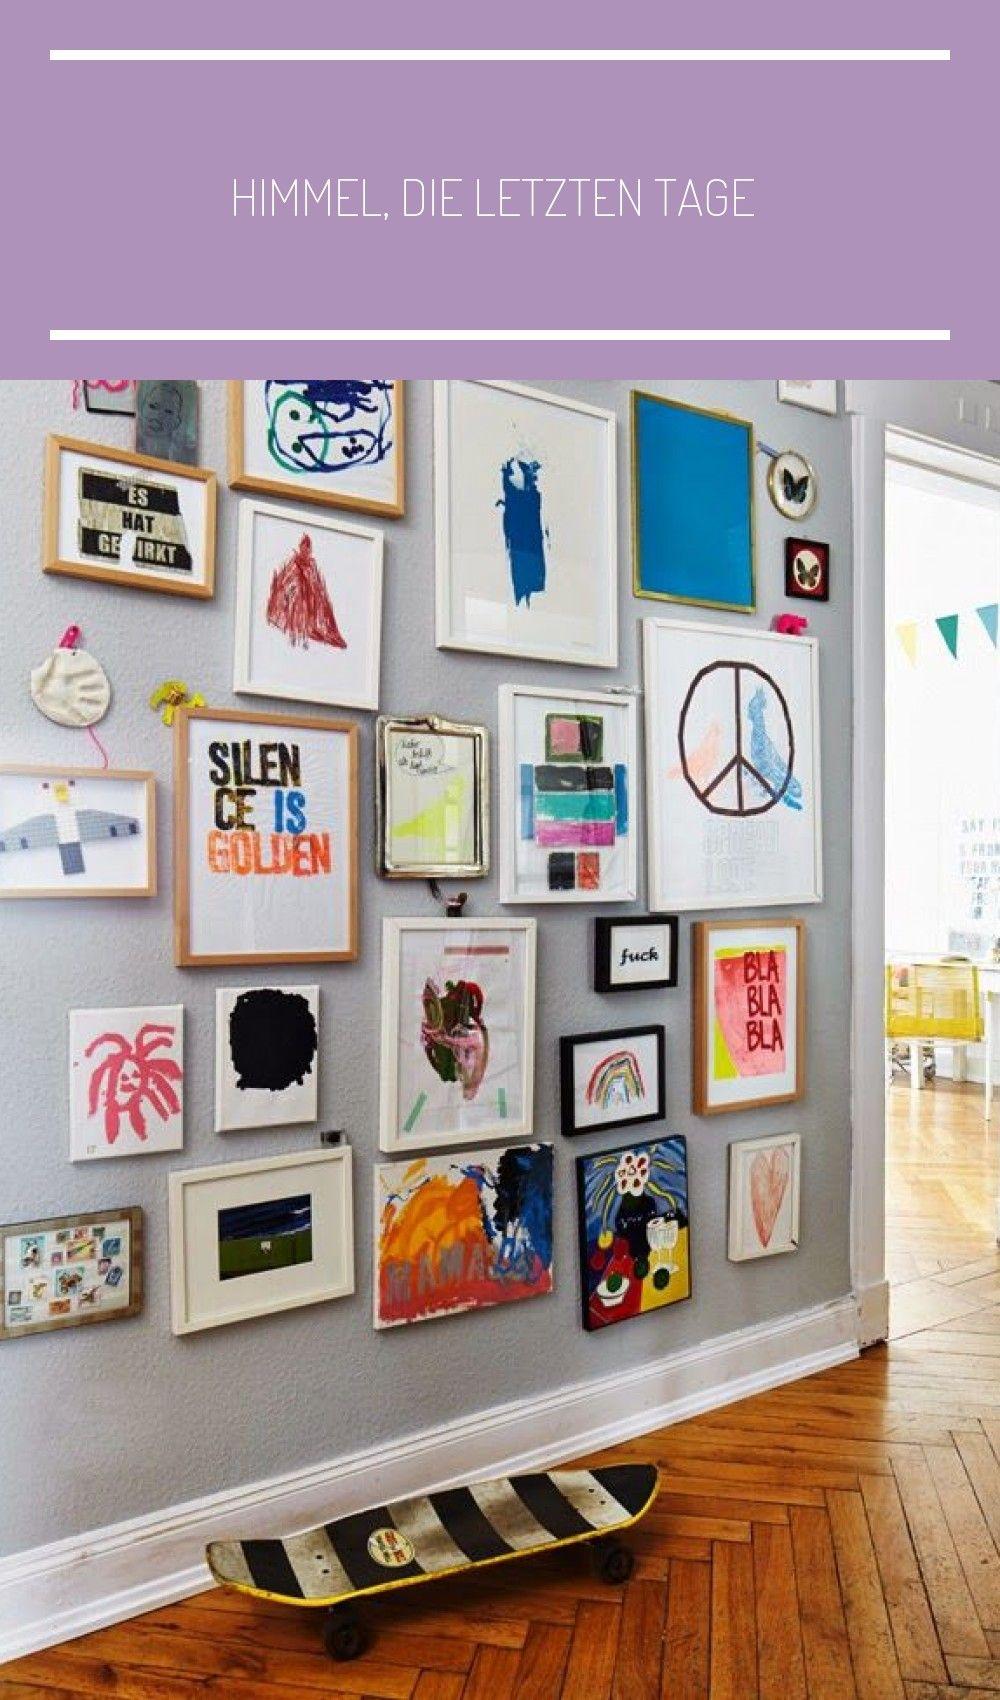 Himmel Die Letzten Tage In 2020 Kids Gallery Wall Art Display Kids Displaying Kids Artwork